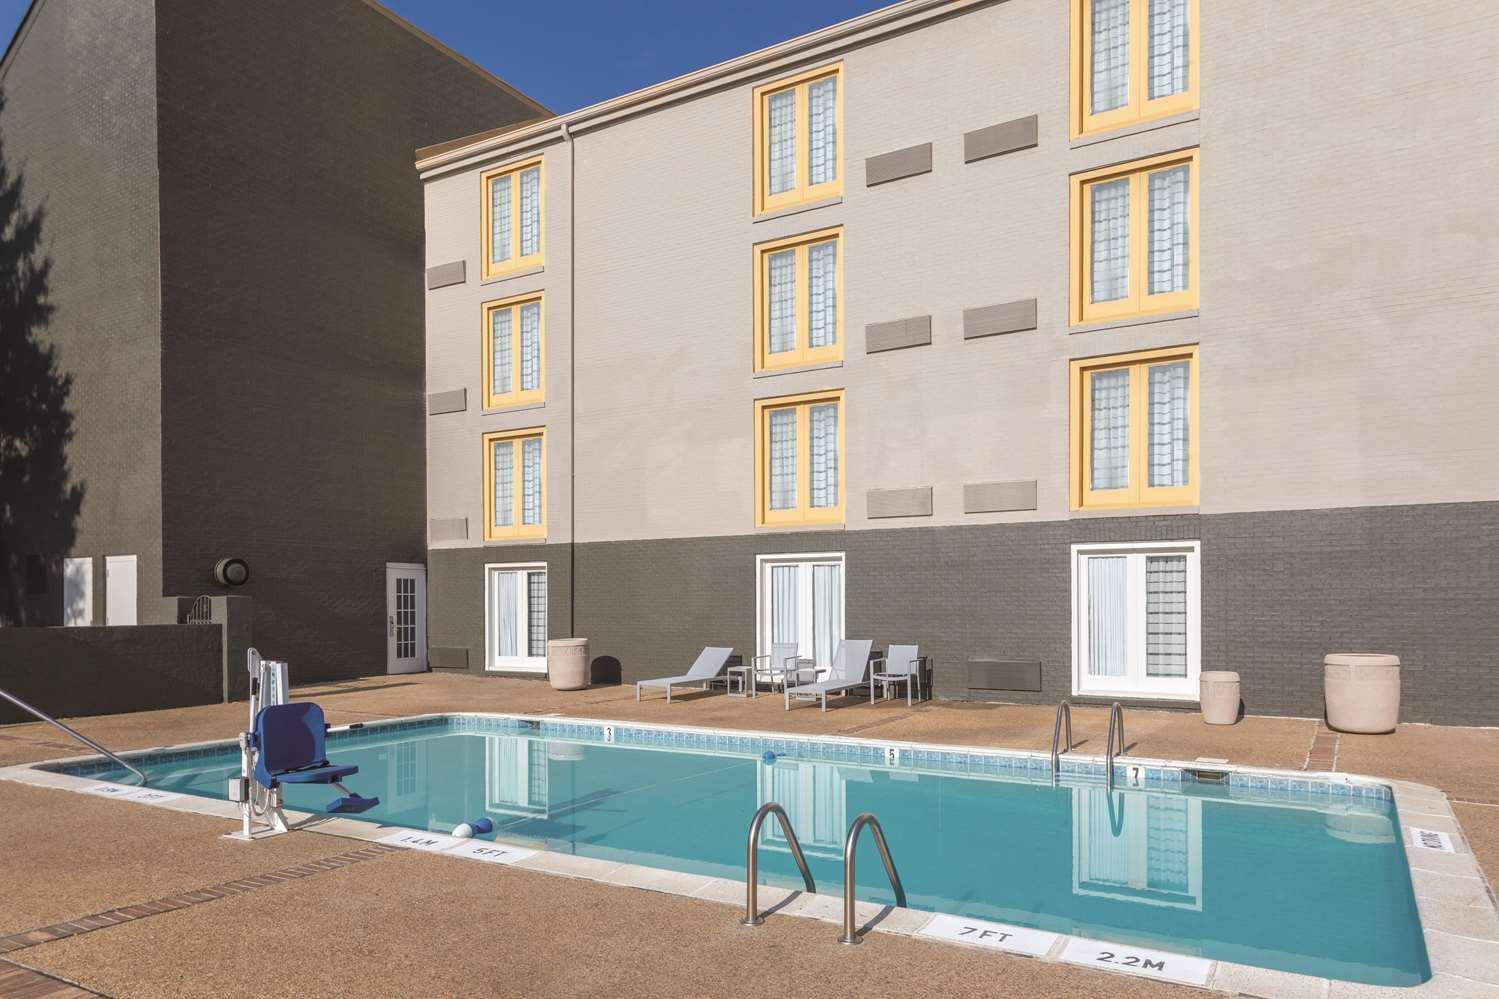 Pool - La Quinta Inn & Suites College Park